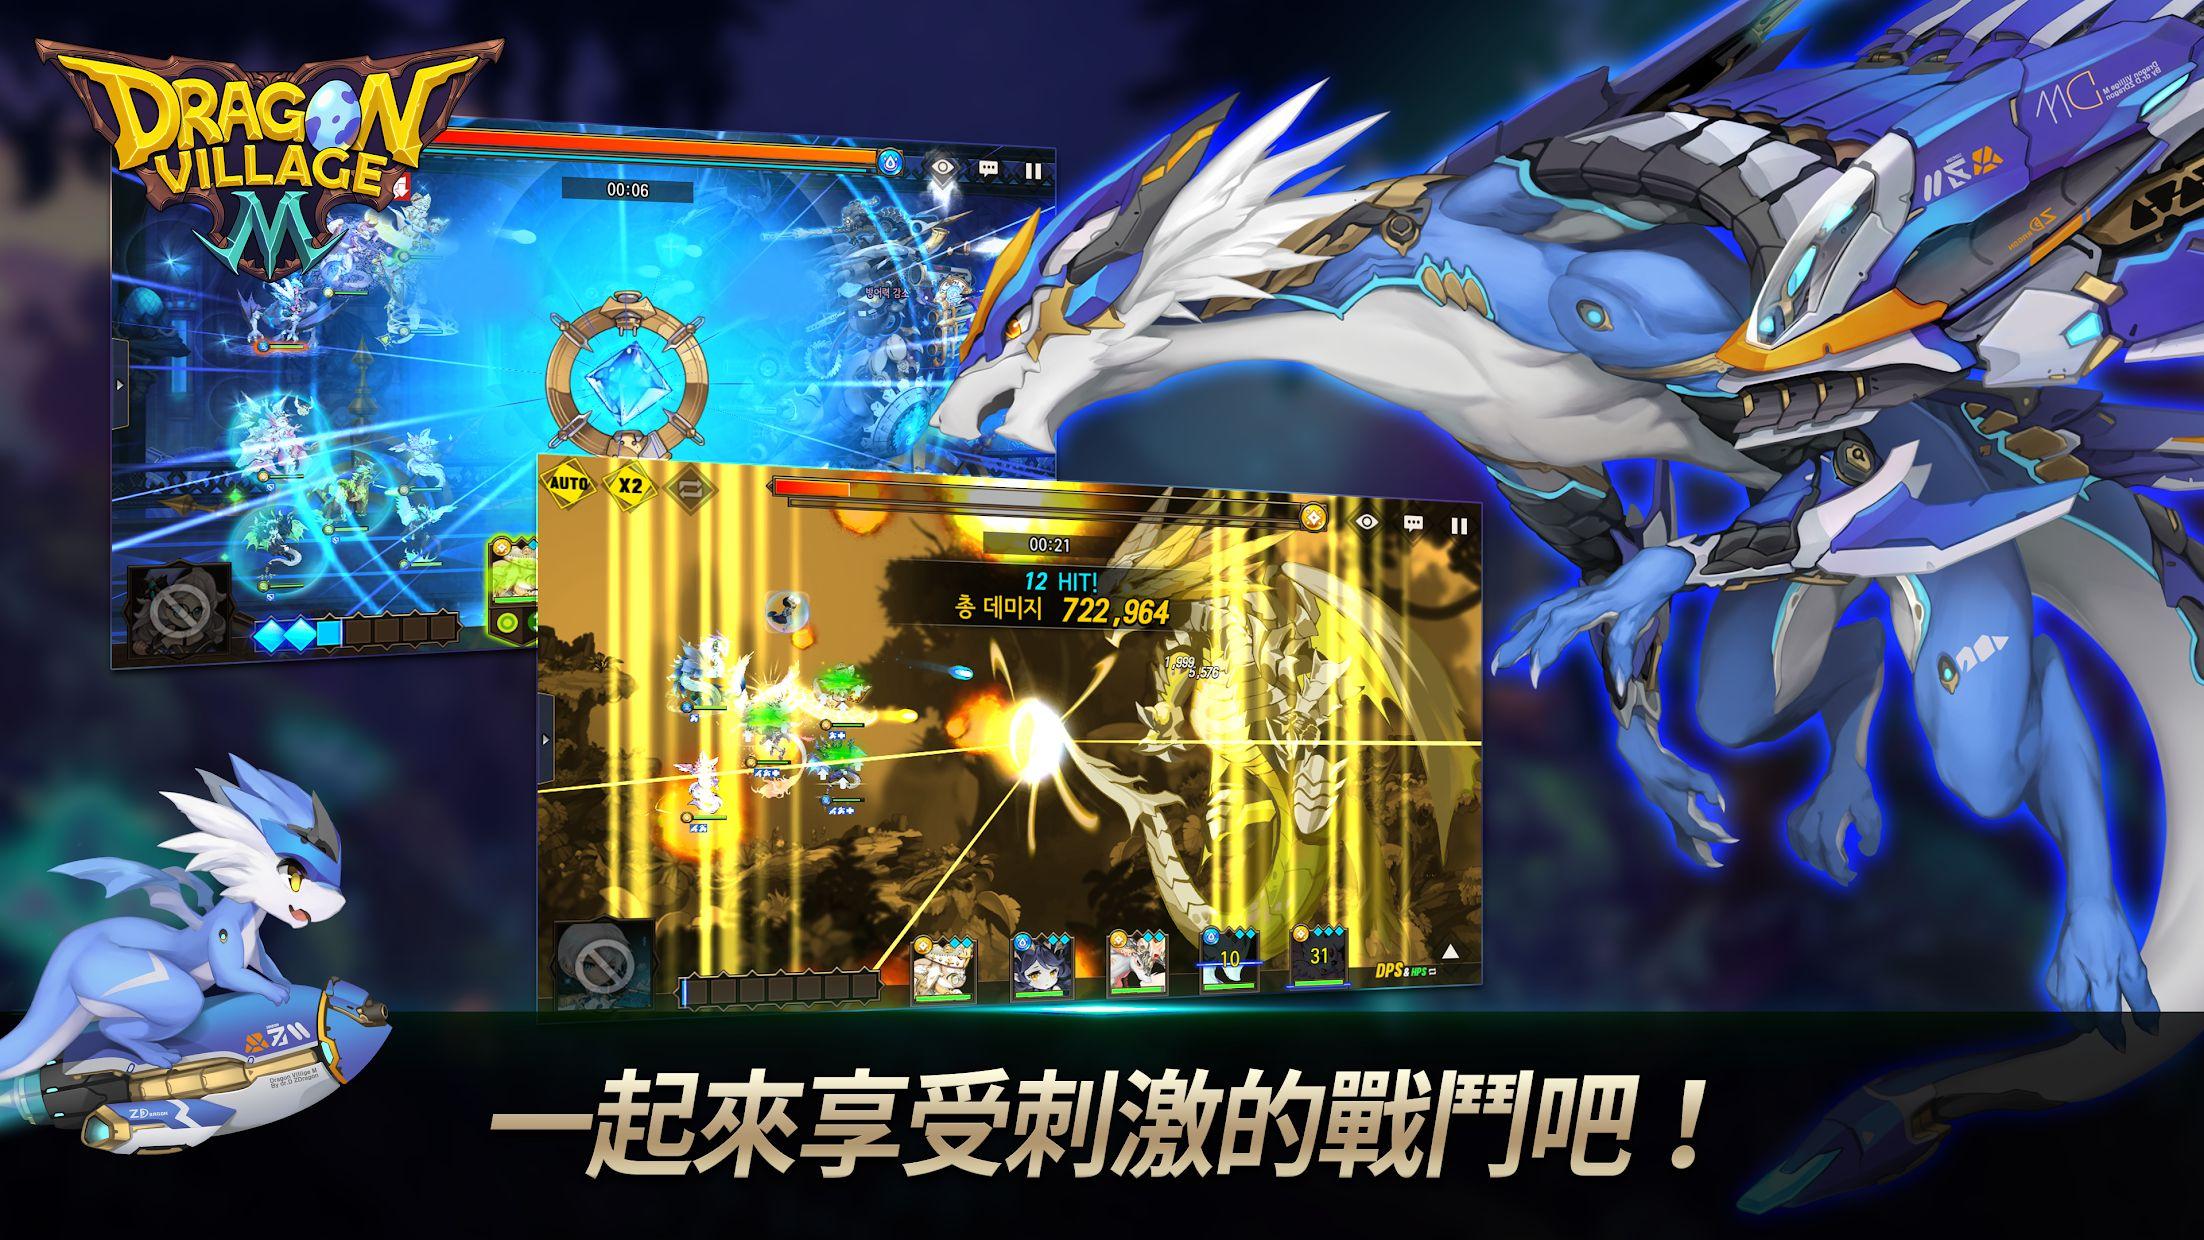 龙RPG - 龙村M 游戏截图5